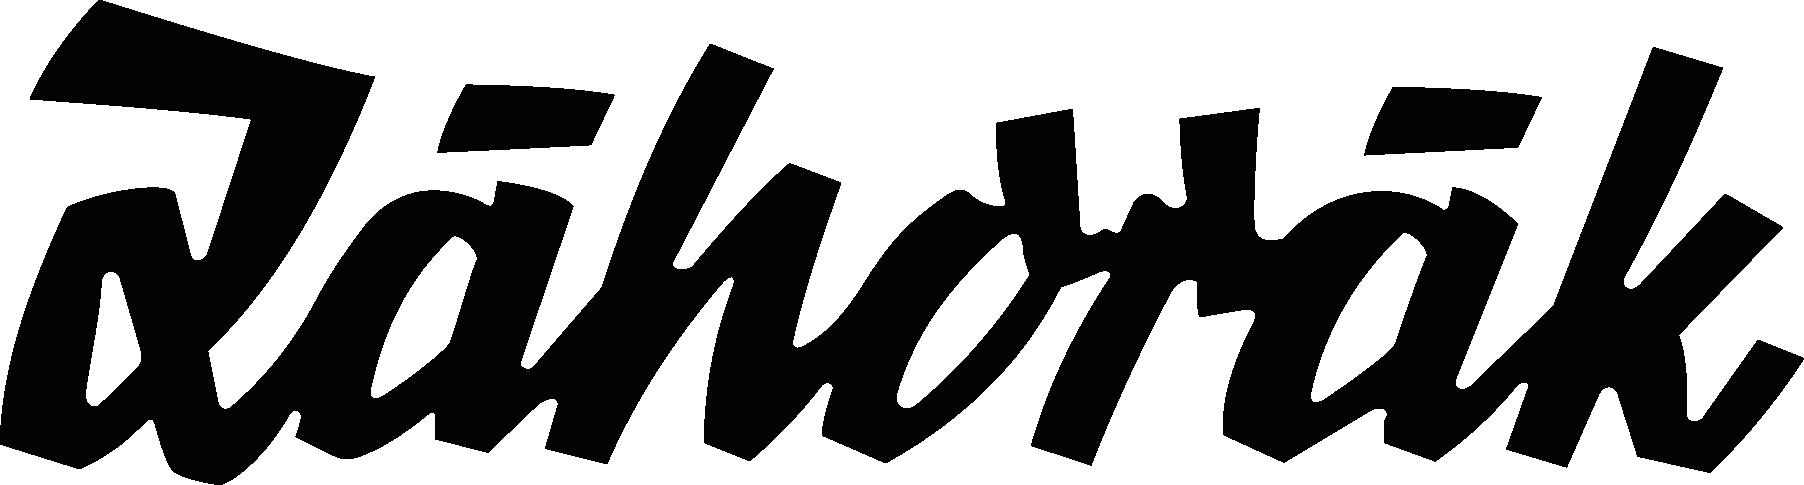 Zahorak_logo_biele